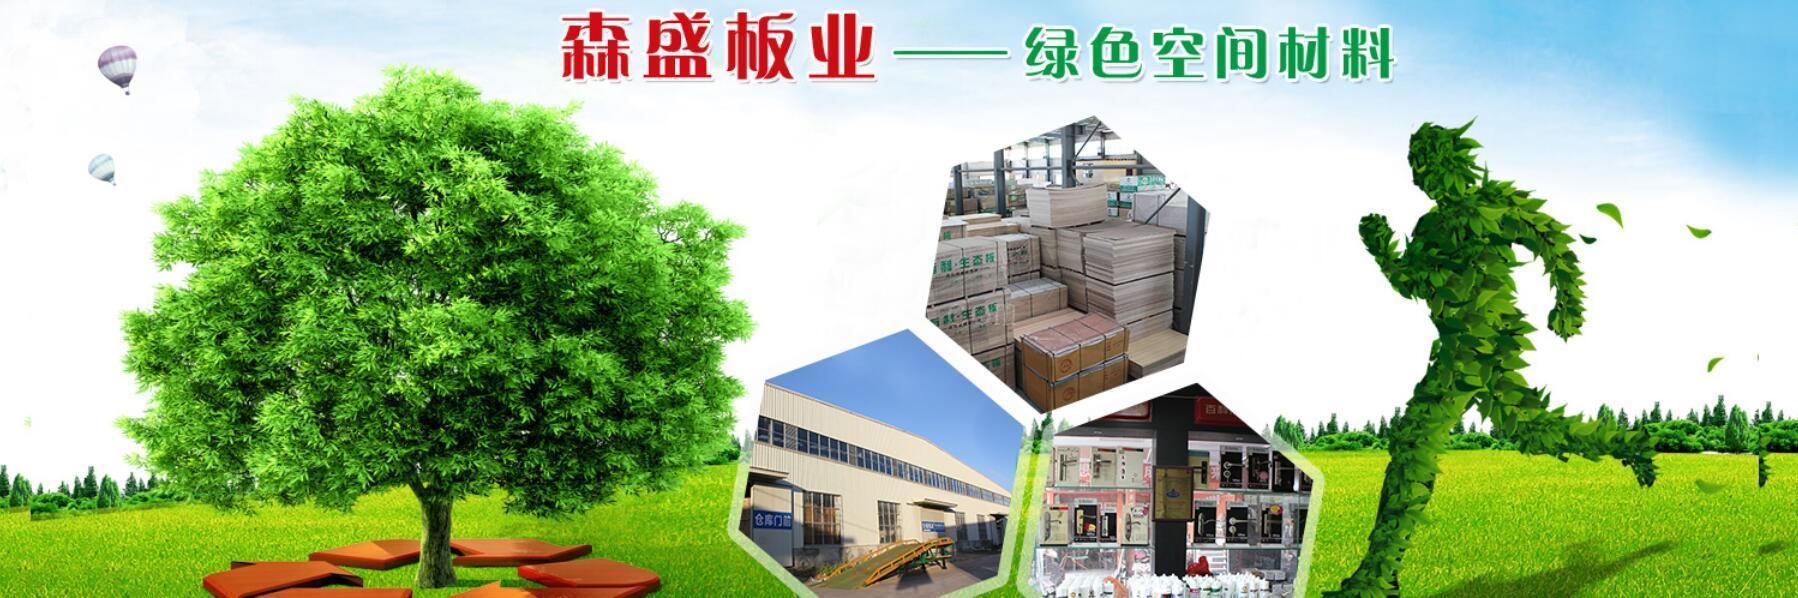 公司简介-龙岩市森盛装饰材料有限公司